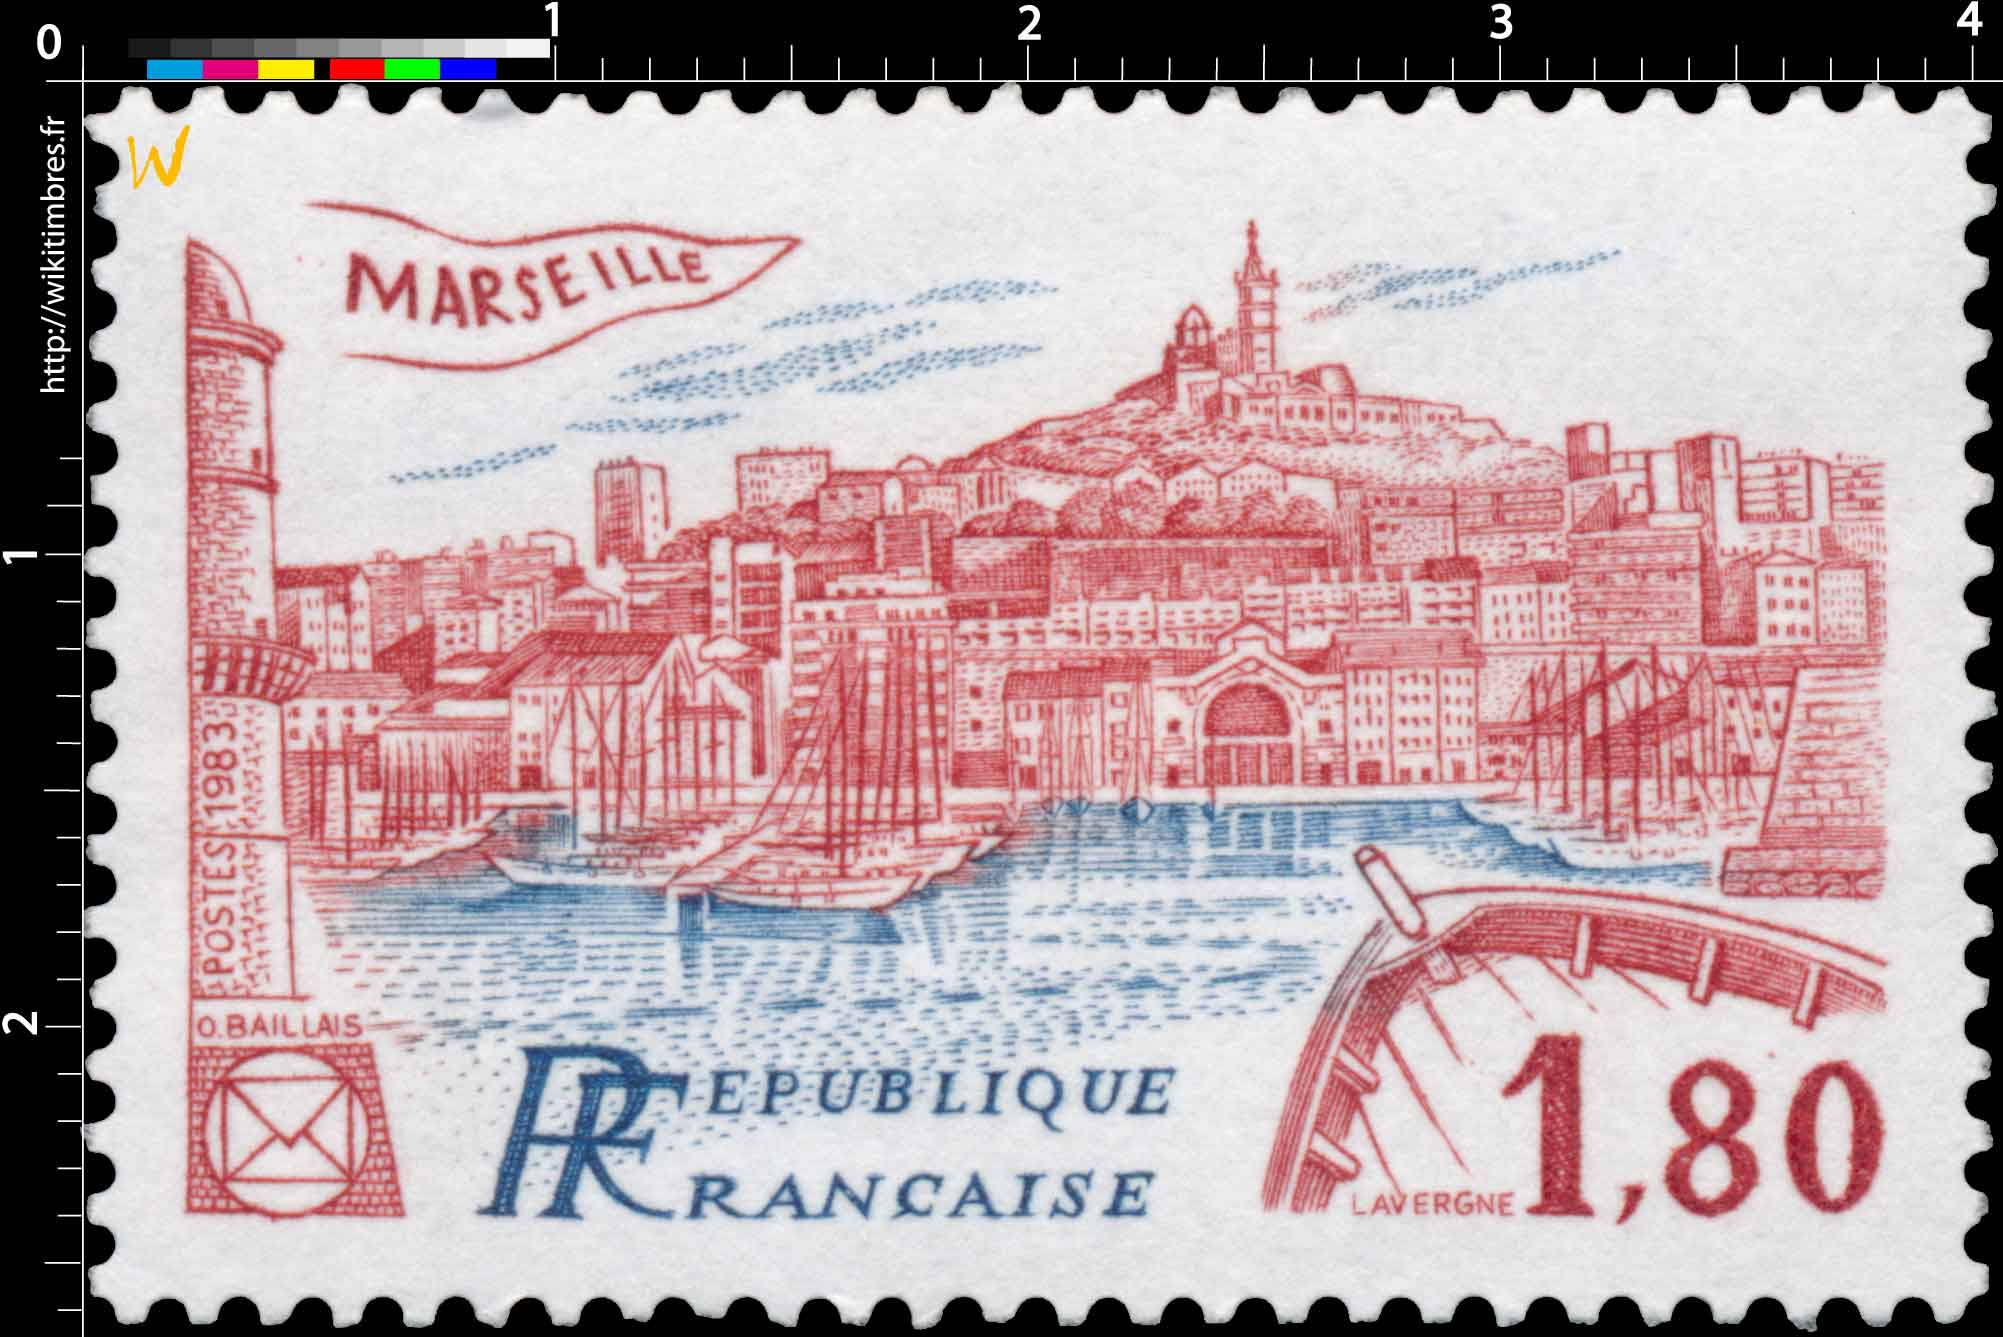 1983 MARSEILLE